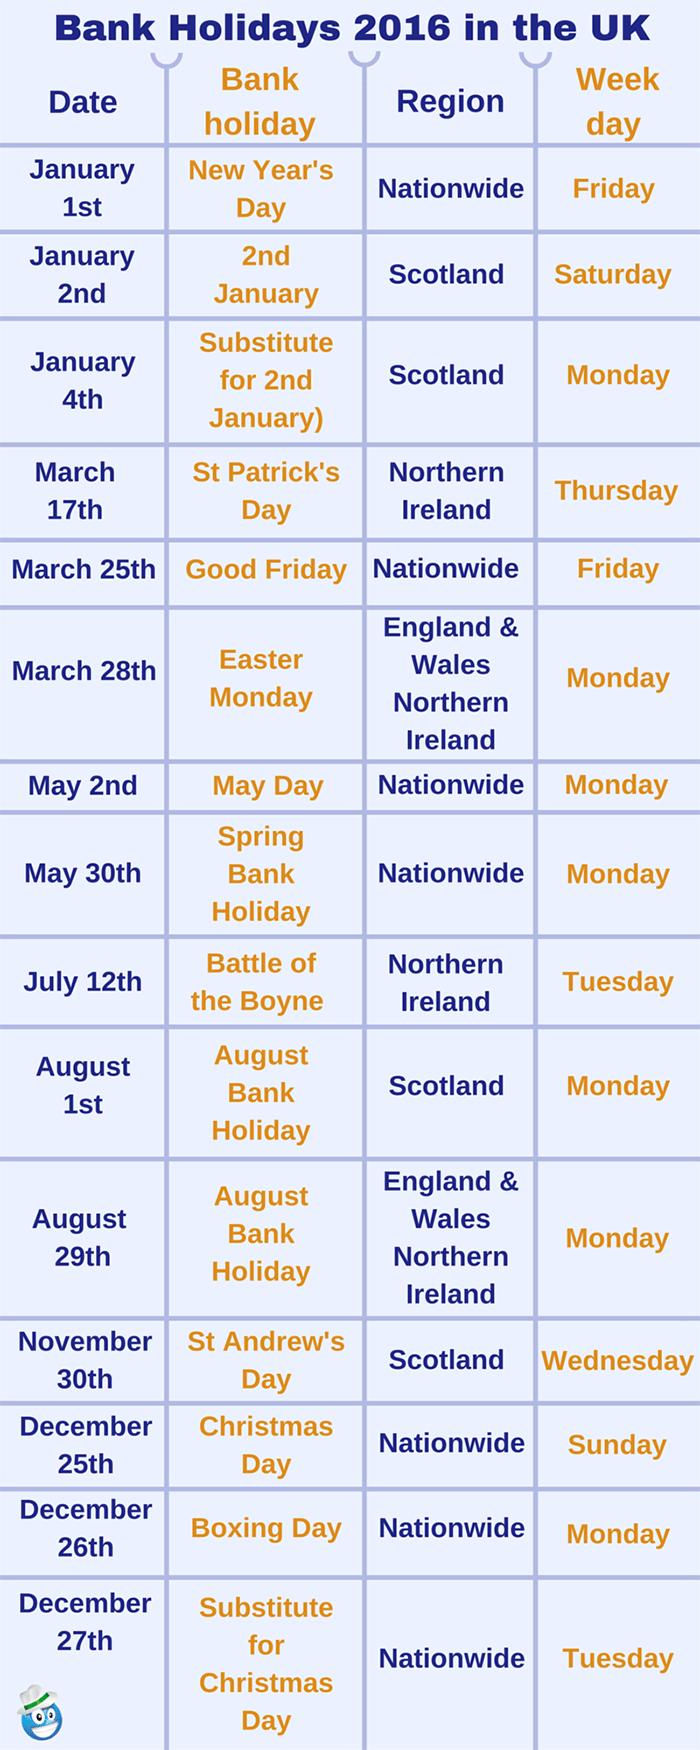 UK bank holidays 2016